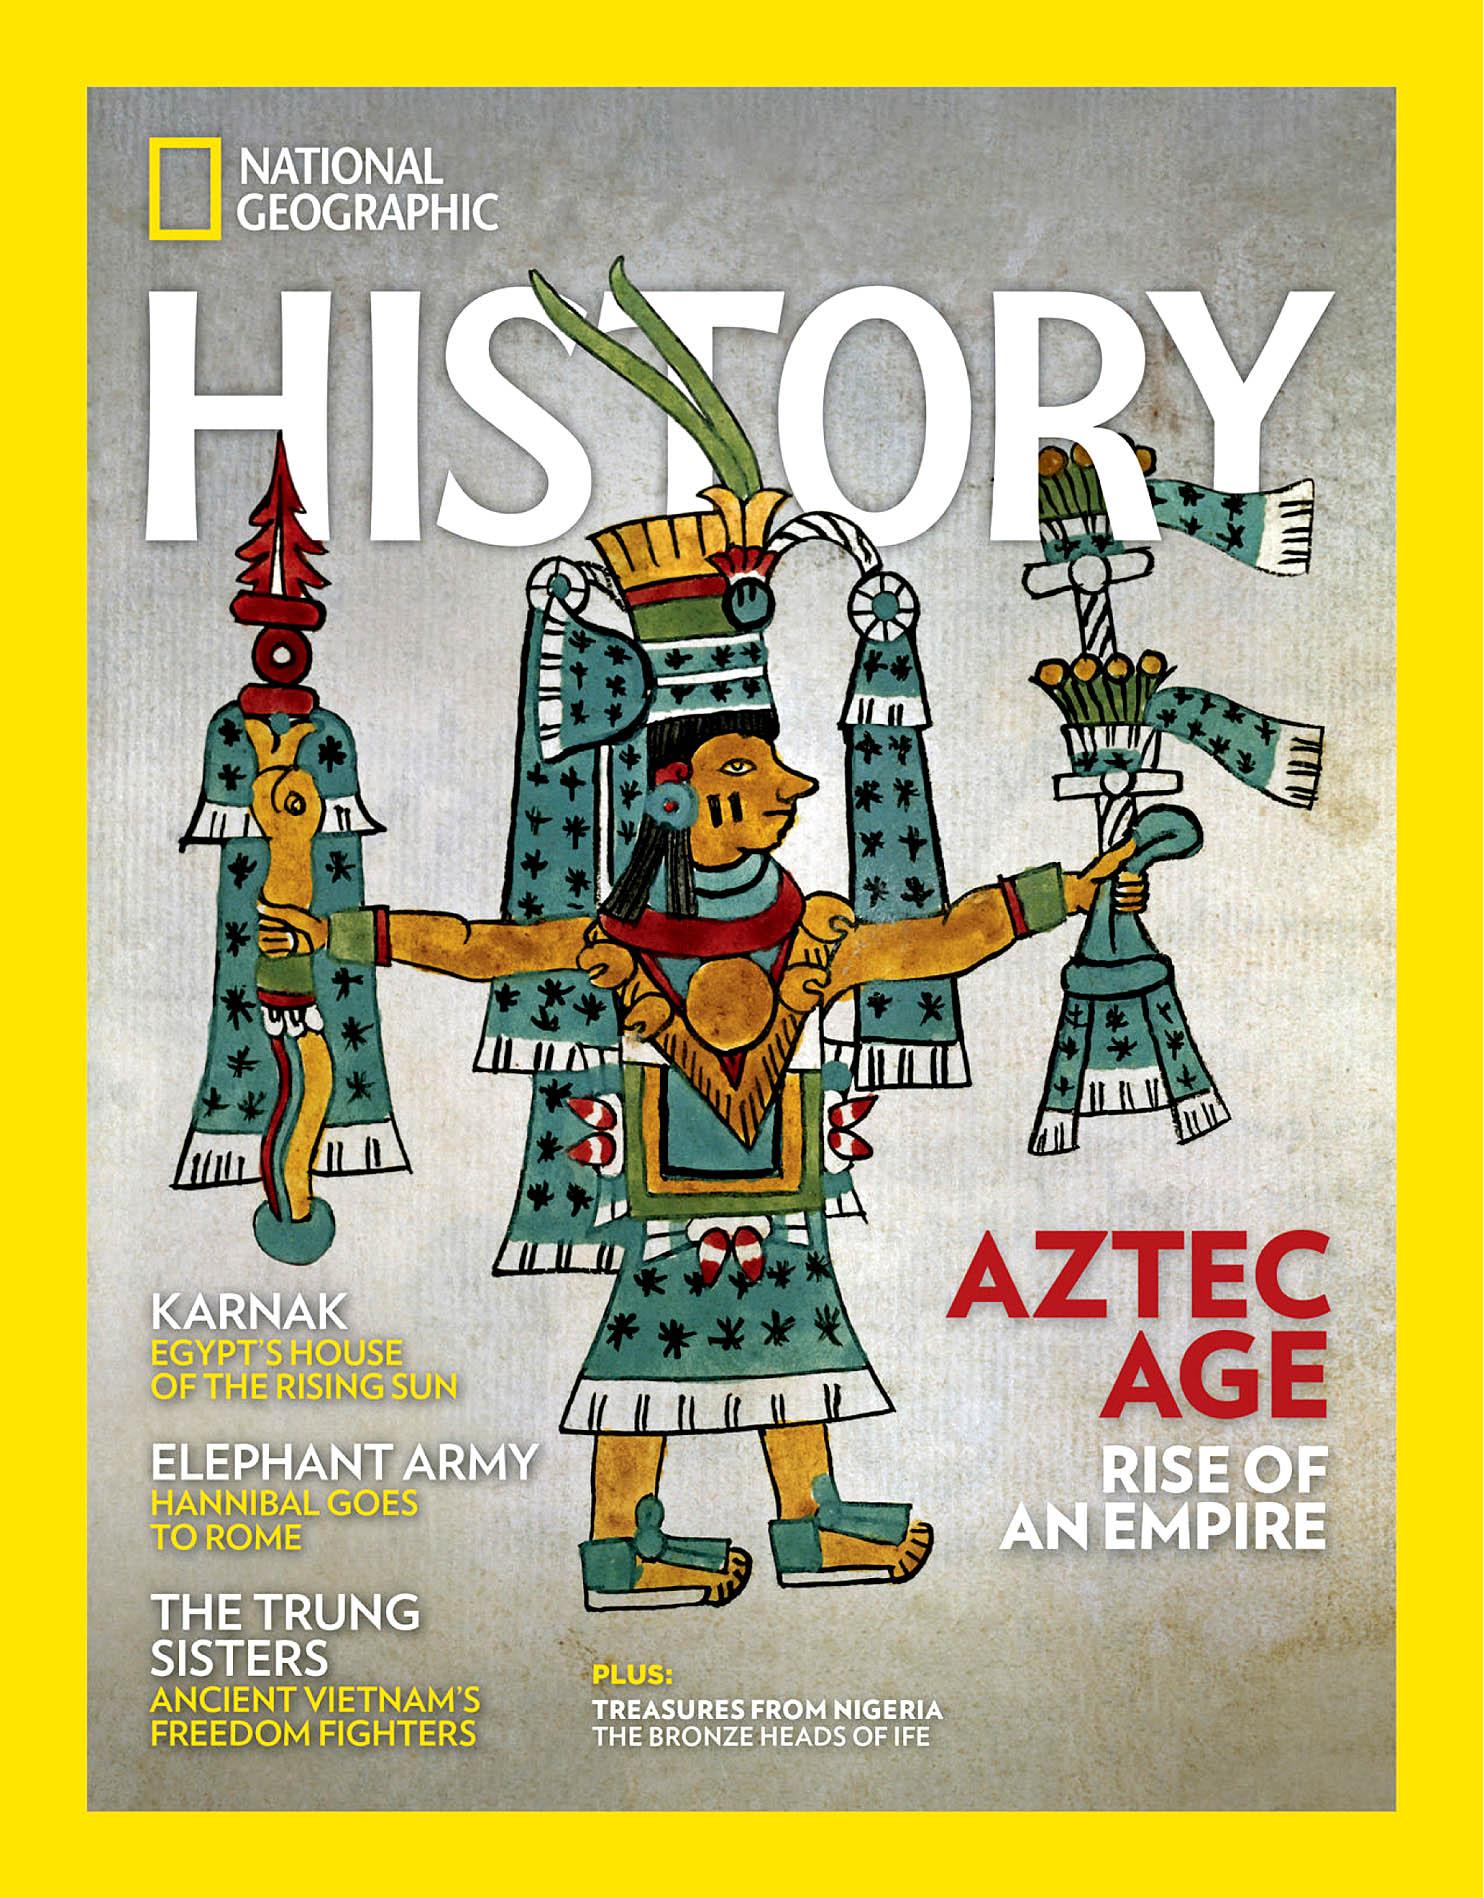 NG History 2021-07-08 Aztec 01.jpg